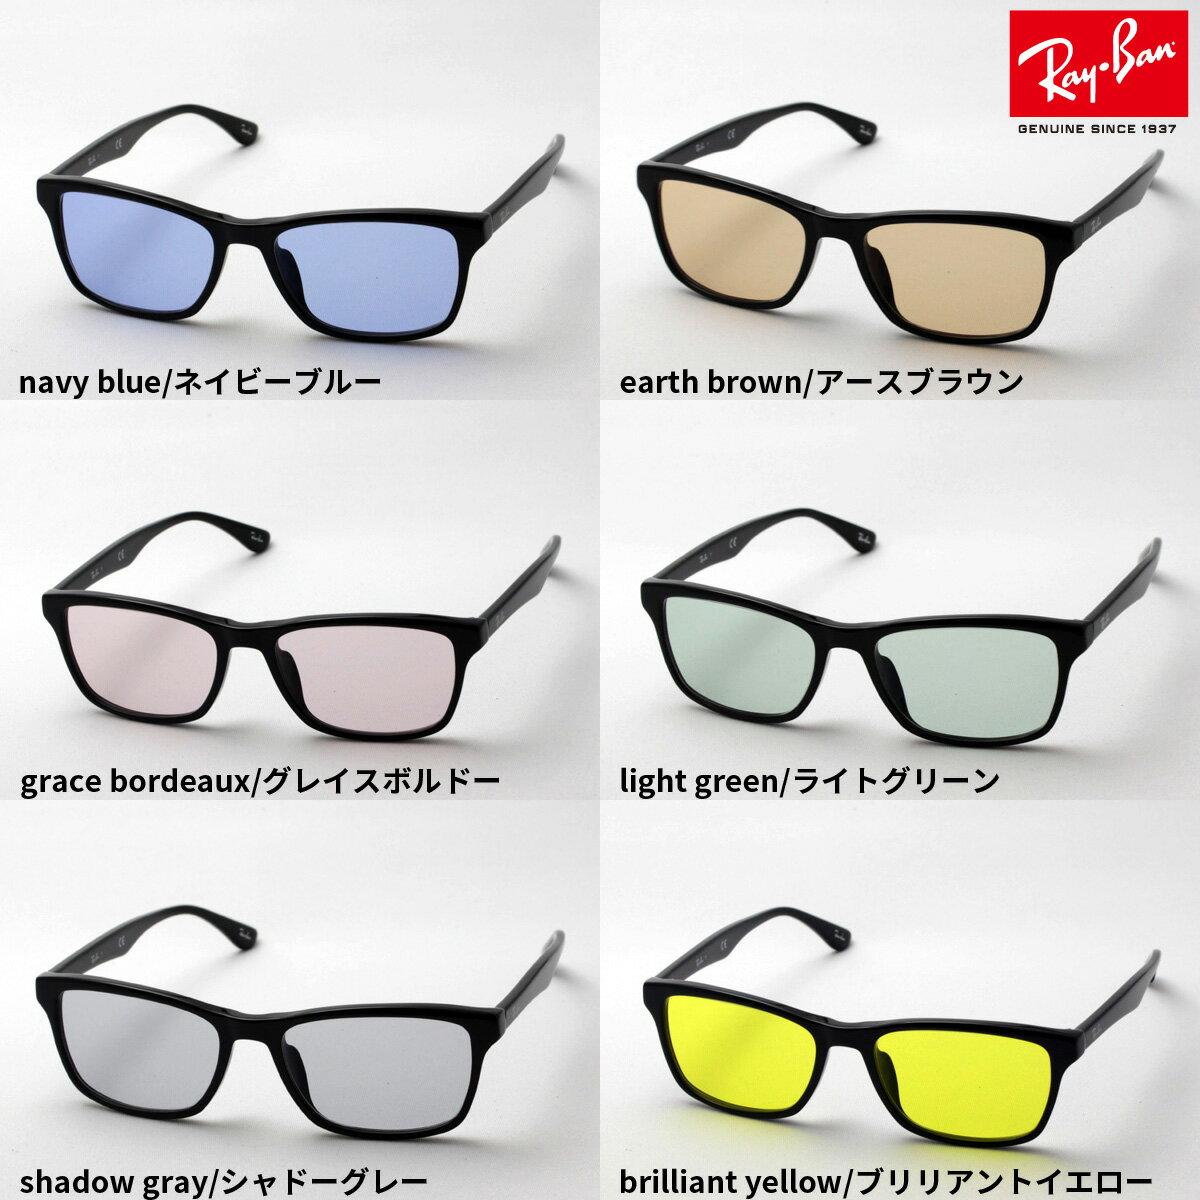 正規レイバン 日本最大級の品揃え レイバン サングラス Ray-Ban RX5279F 2000 世界最高峰レンズメーカーHOYA製 ライトカラー レディース メンズ カラーレンズサングラス ブルーレンズ メガネ メガネフレーム RayBan light color ウェリントン